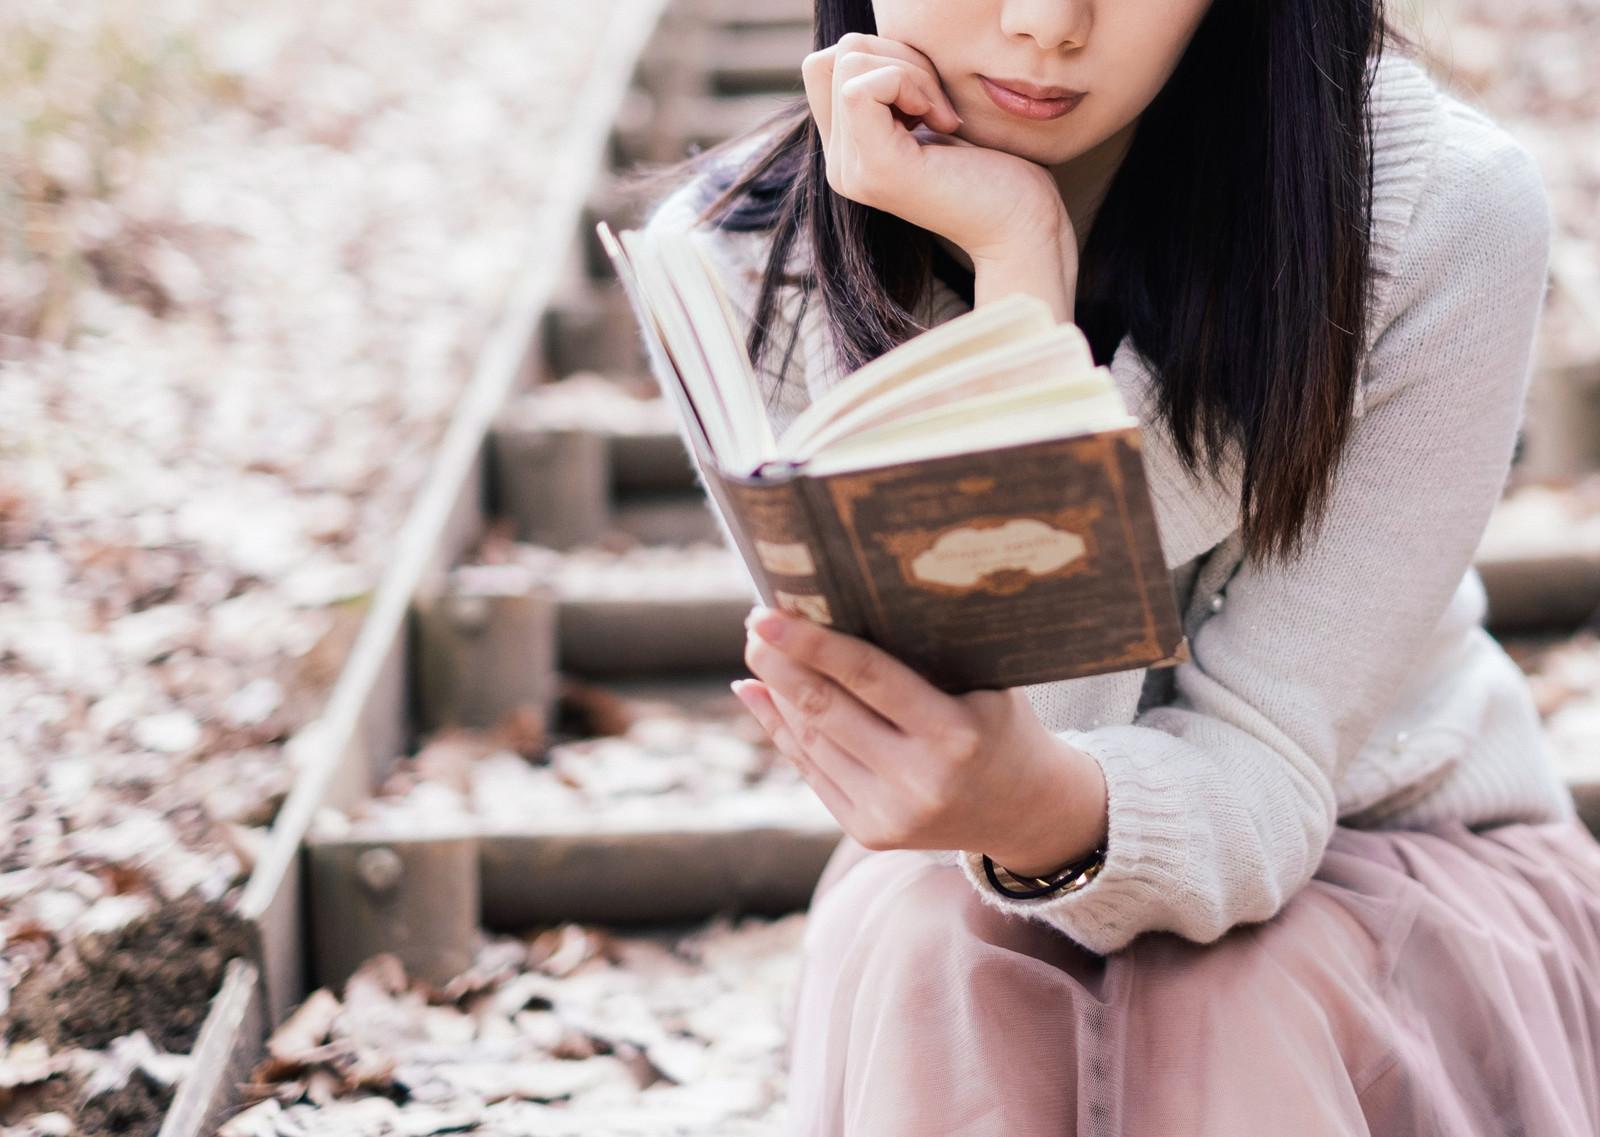 屋外で洋書を読む女性のフリー画像(写真)